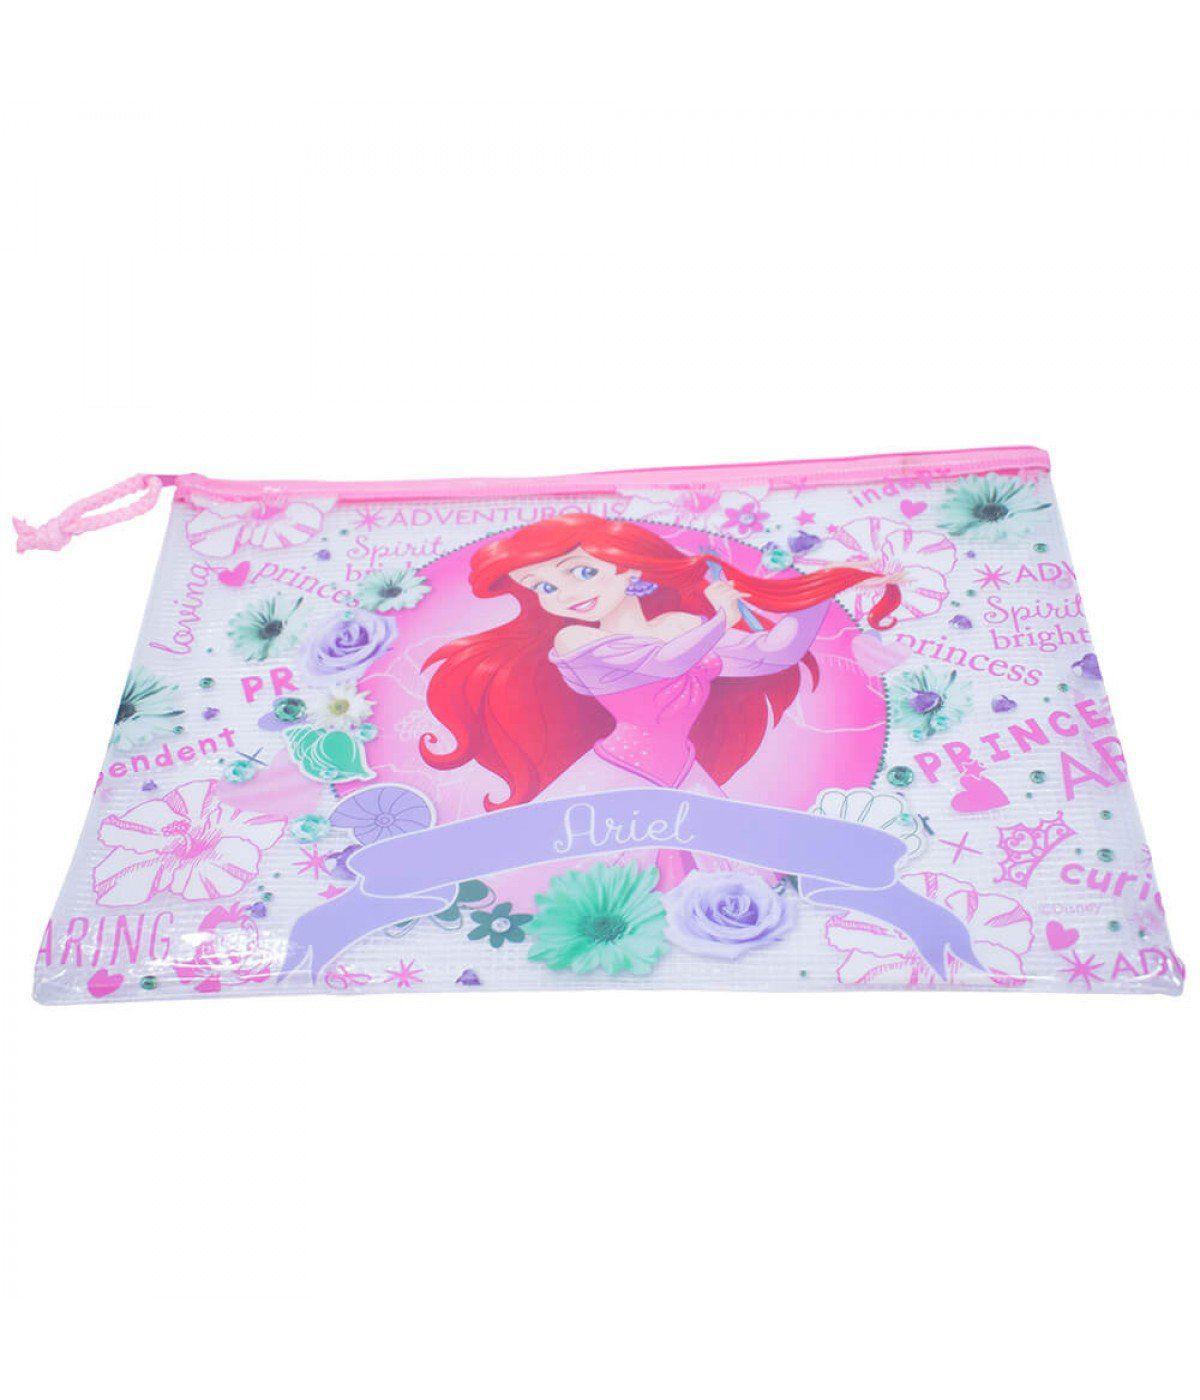 Pasta Necessaire Ariel: Pequena Sereia (Disney)